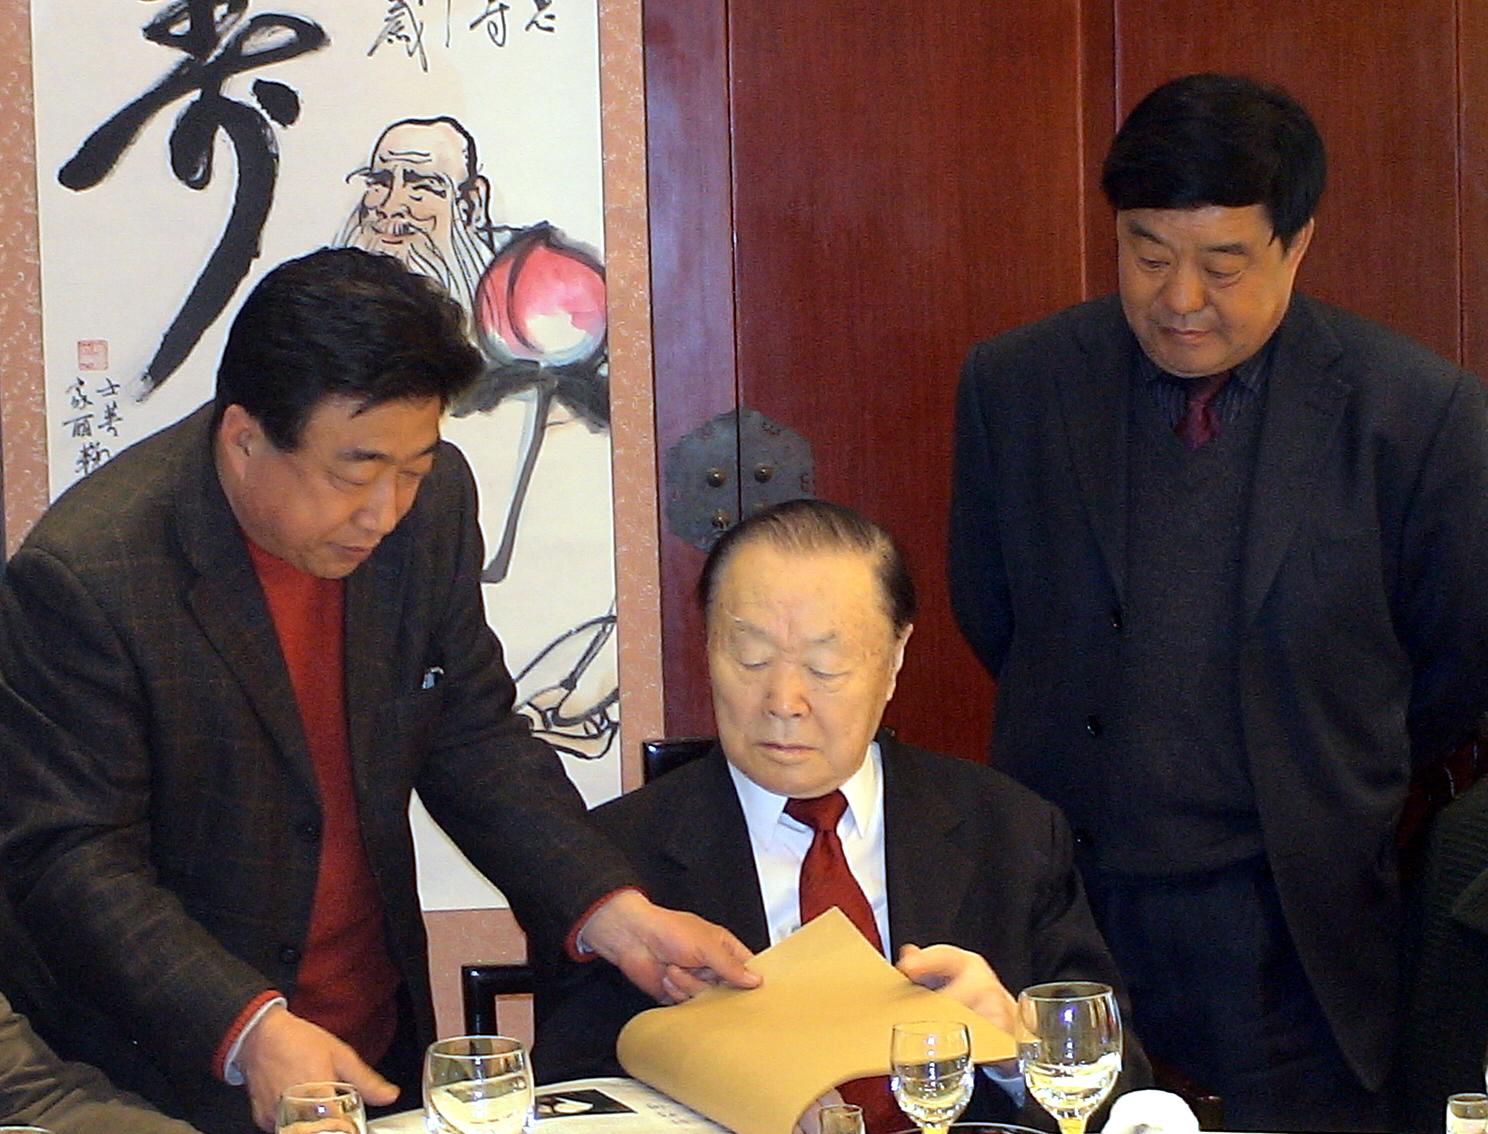 全国政协副主席万国权了解迁安诗酒文化